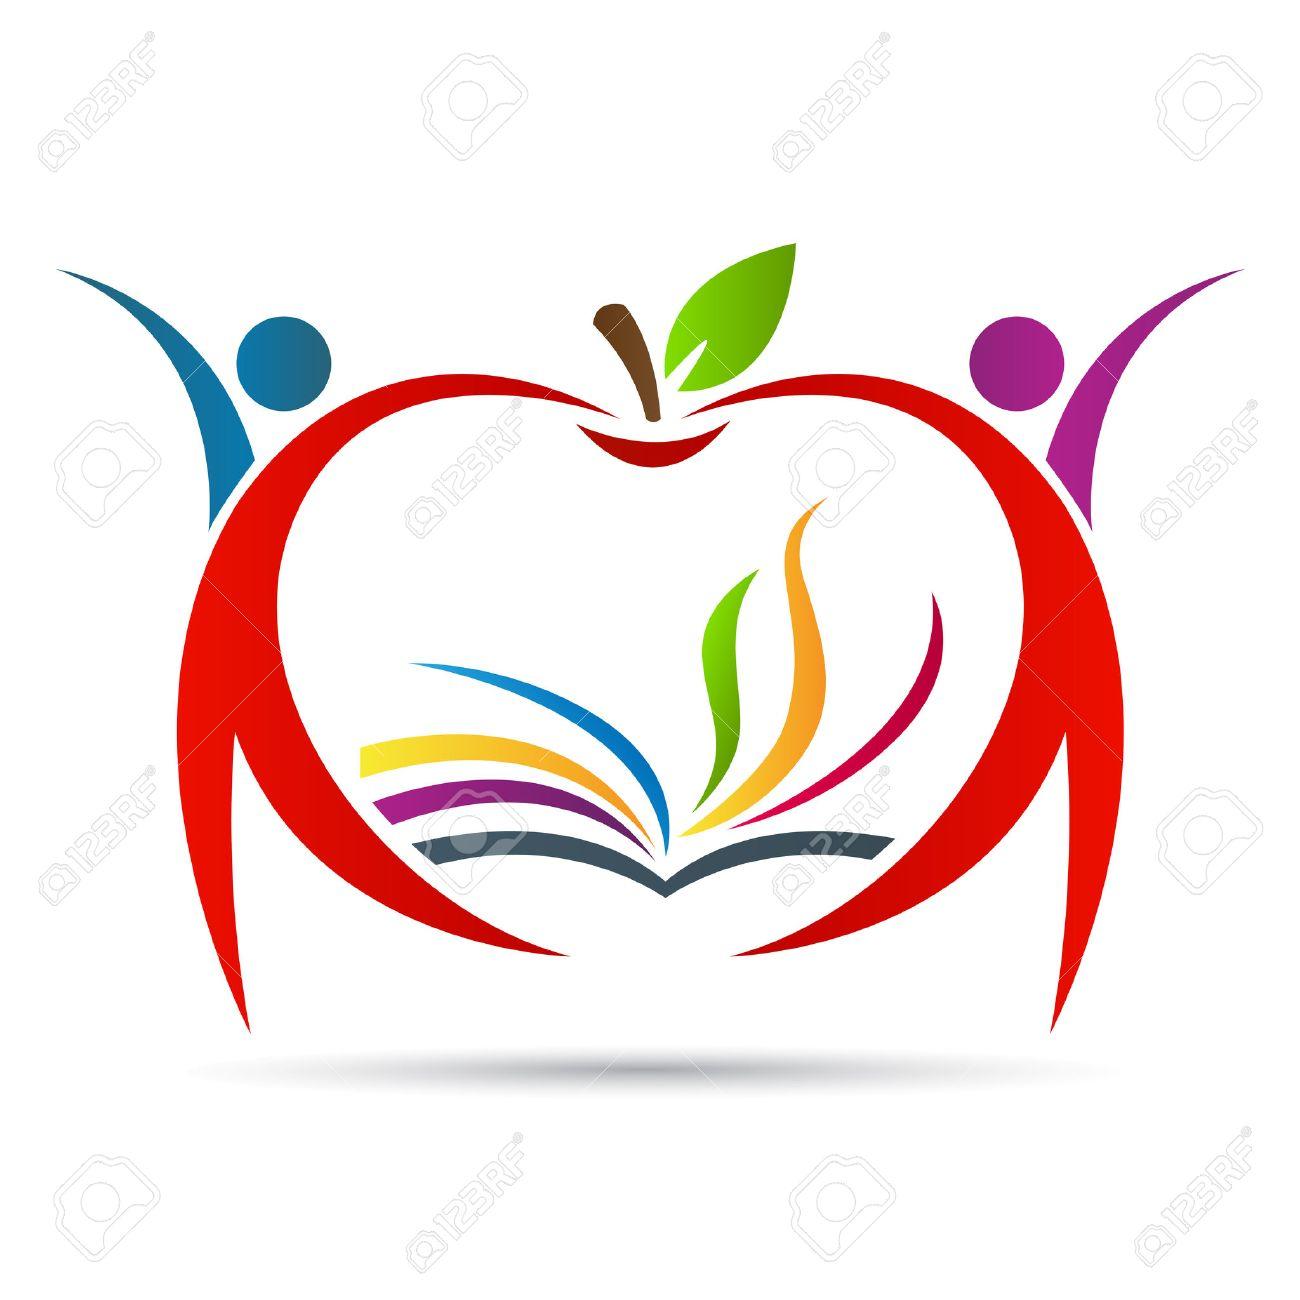 Education apple vector design represents school , education emblem...